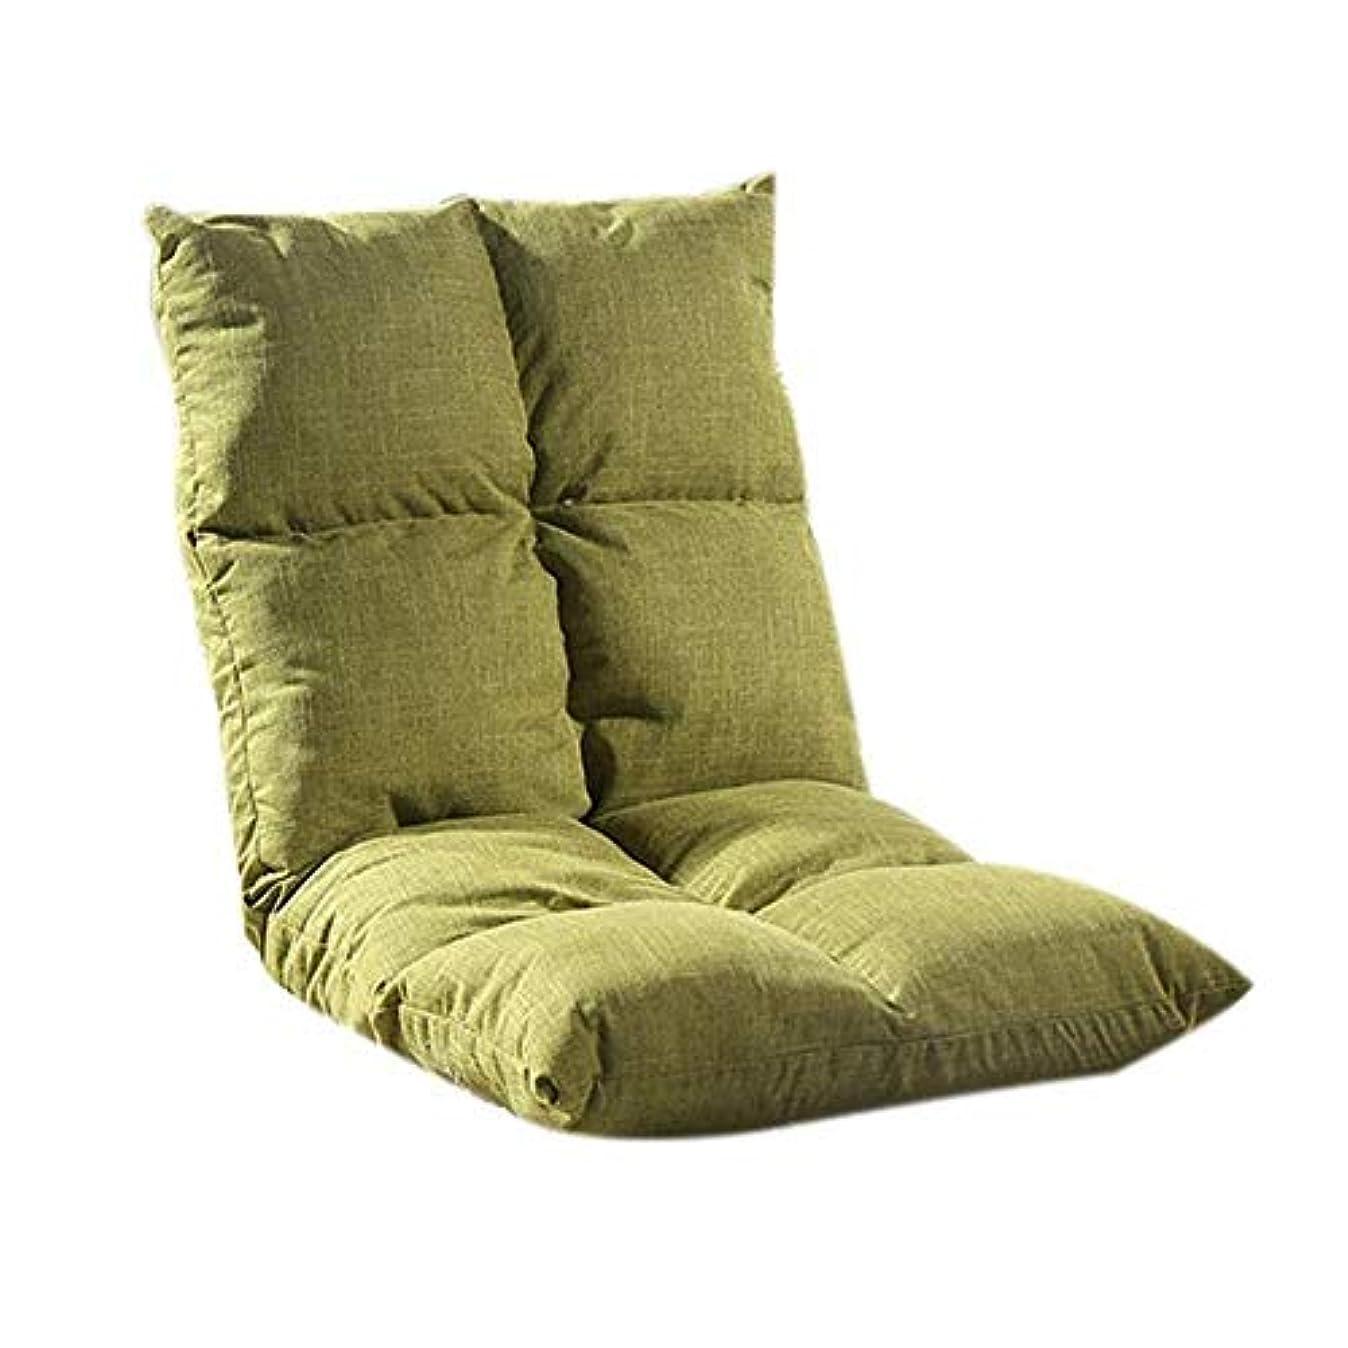 コットン絞る燃料怠zyなフロアチェア、畳クッション、シングルメディテーションチェア、背もたれ一体型フロアクッション、折りたたみ式厚手バルコニー和風、調節可能な椅子怠Adjustなソファゲームチェア (Color : 緑)